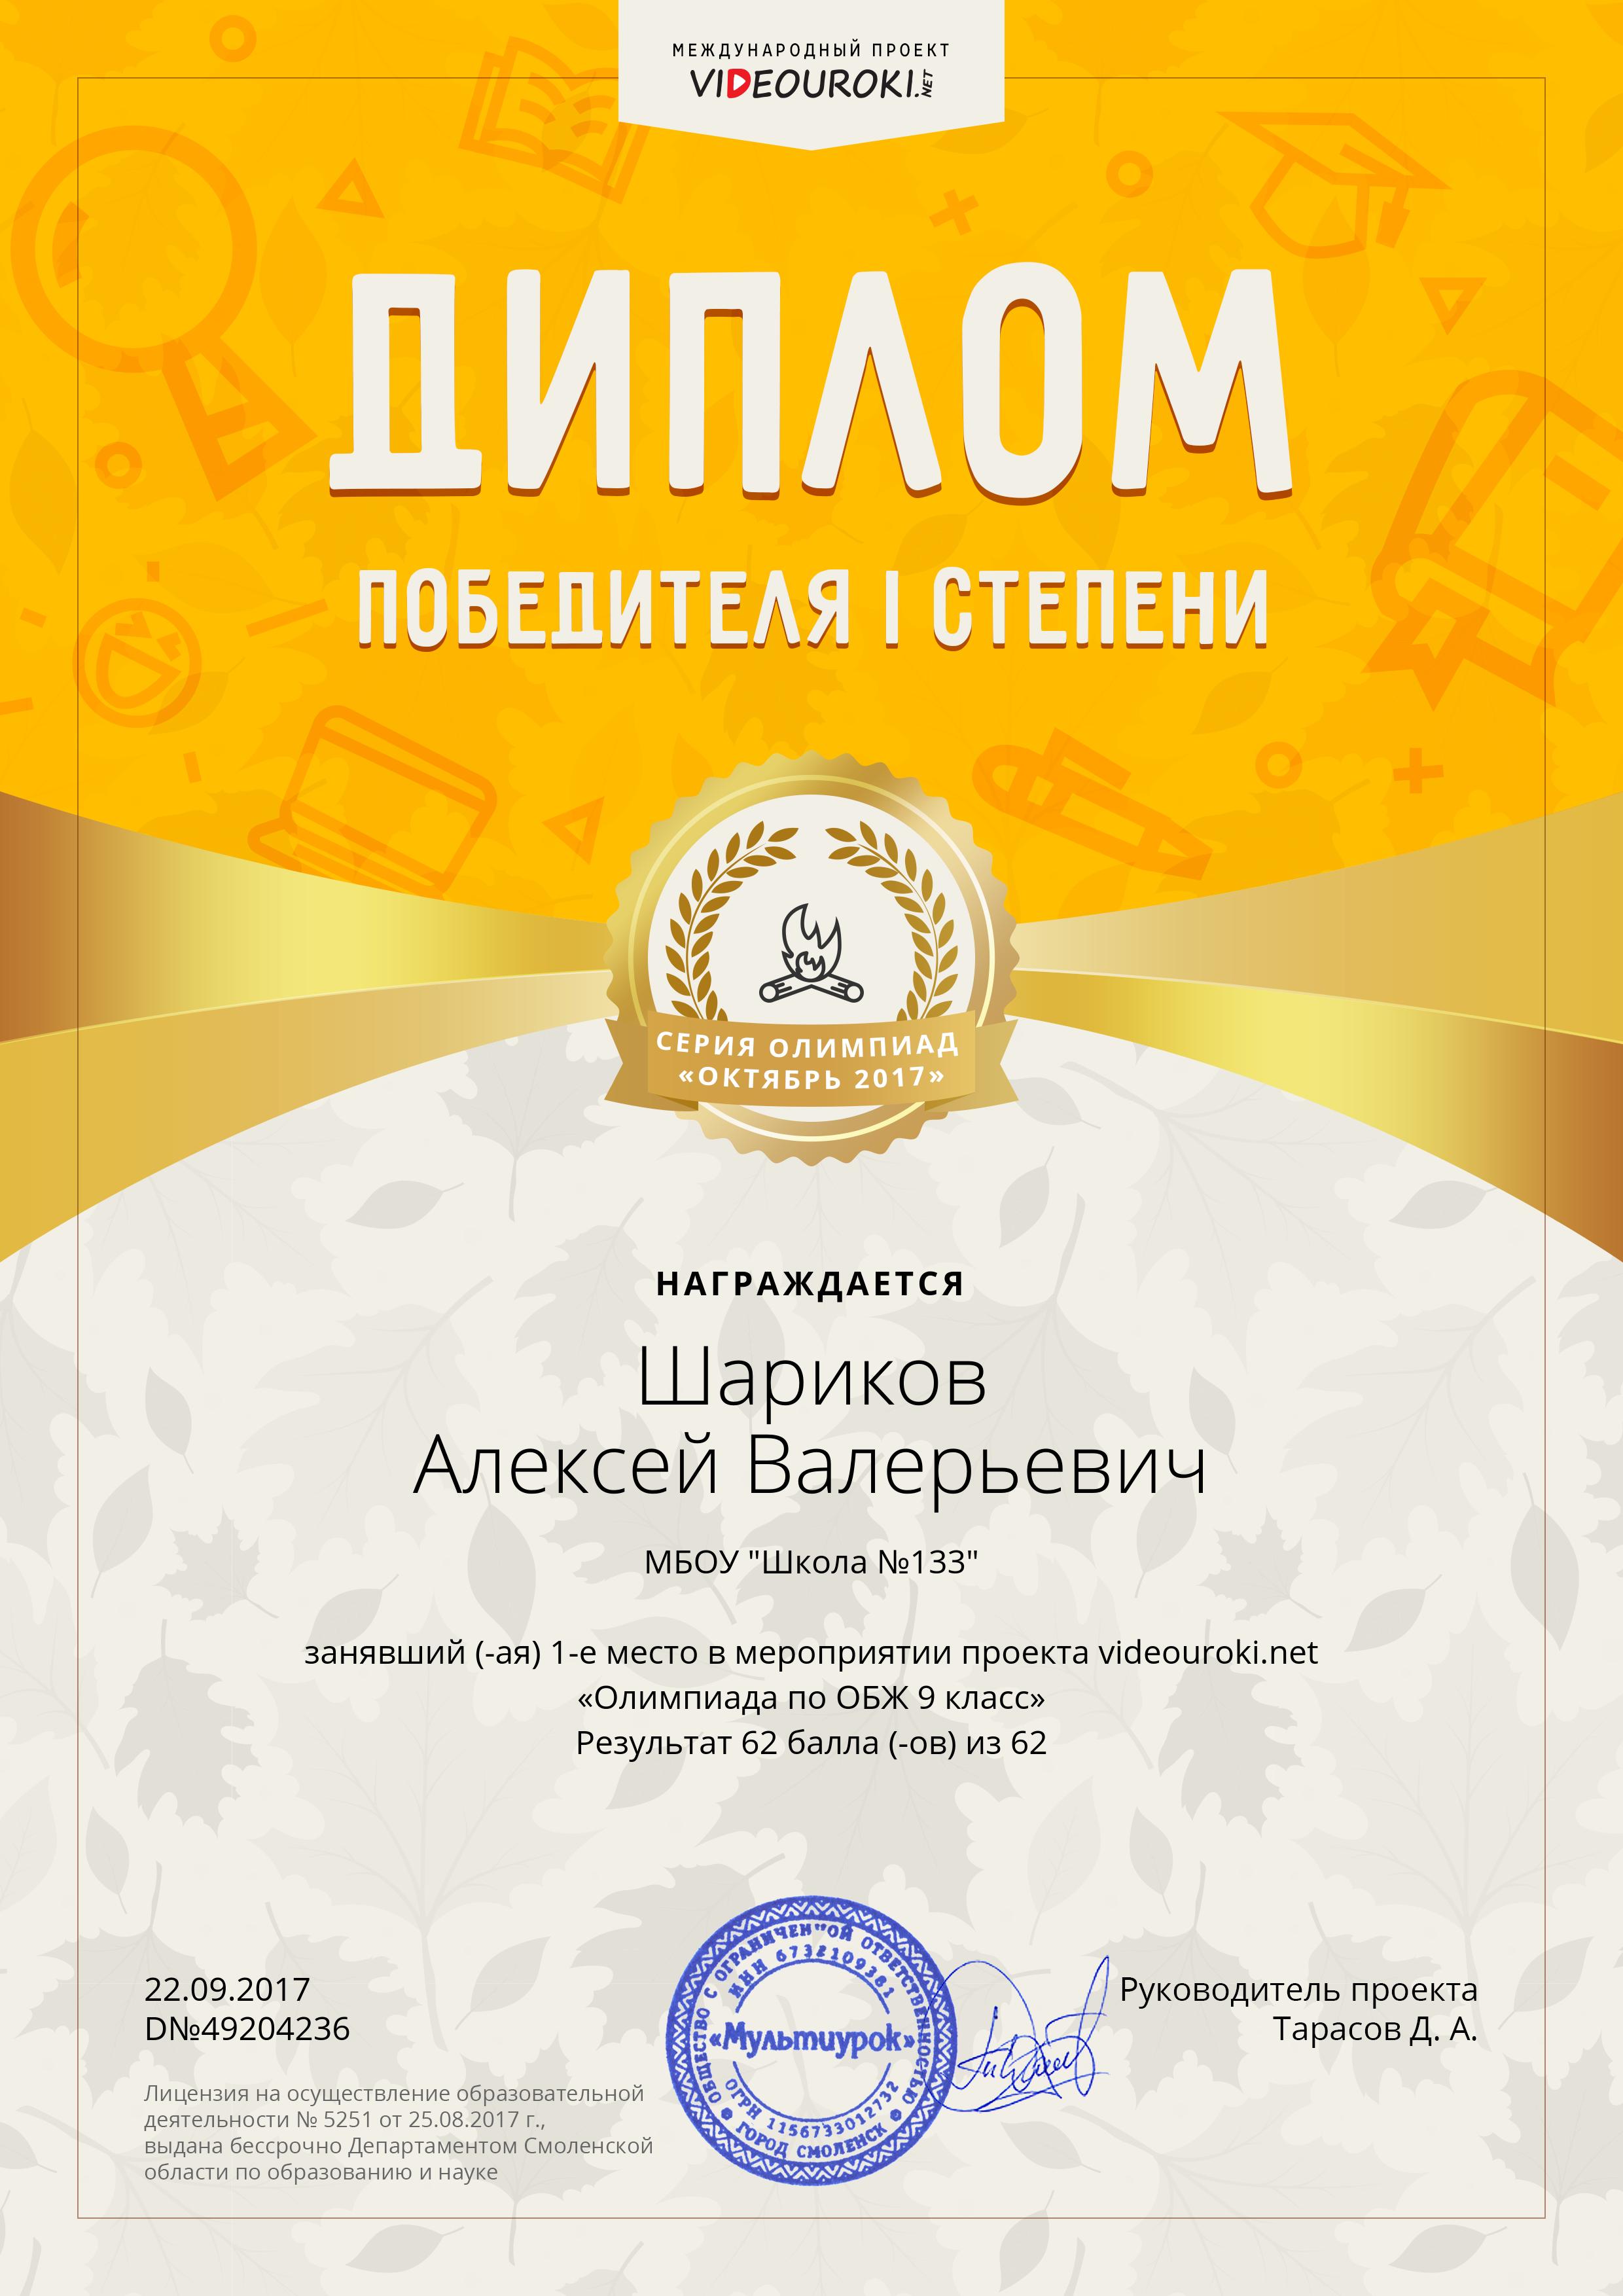 95256140. 49204236-Шариков Алексей Валерьевич.png